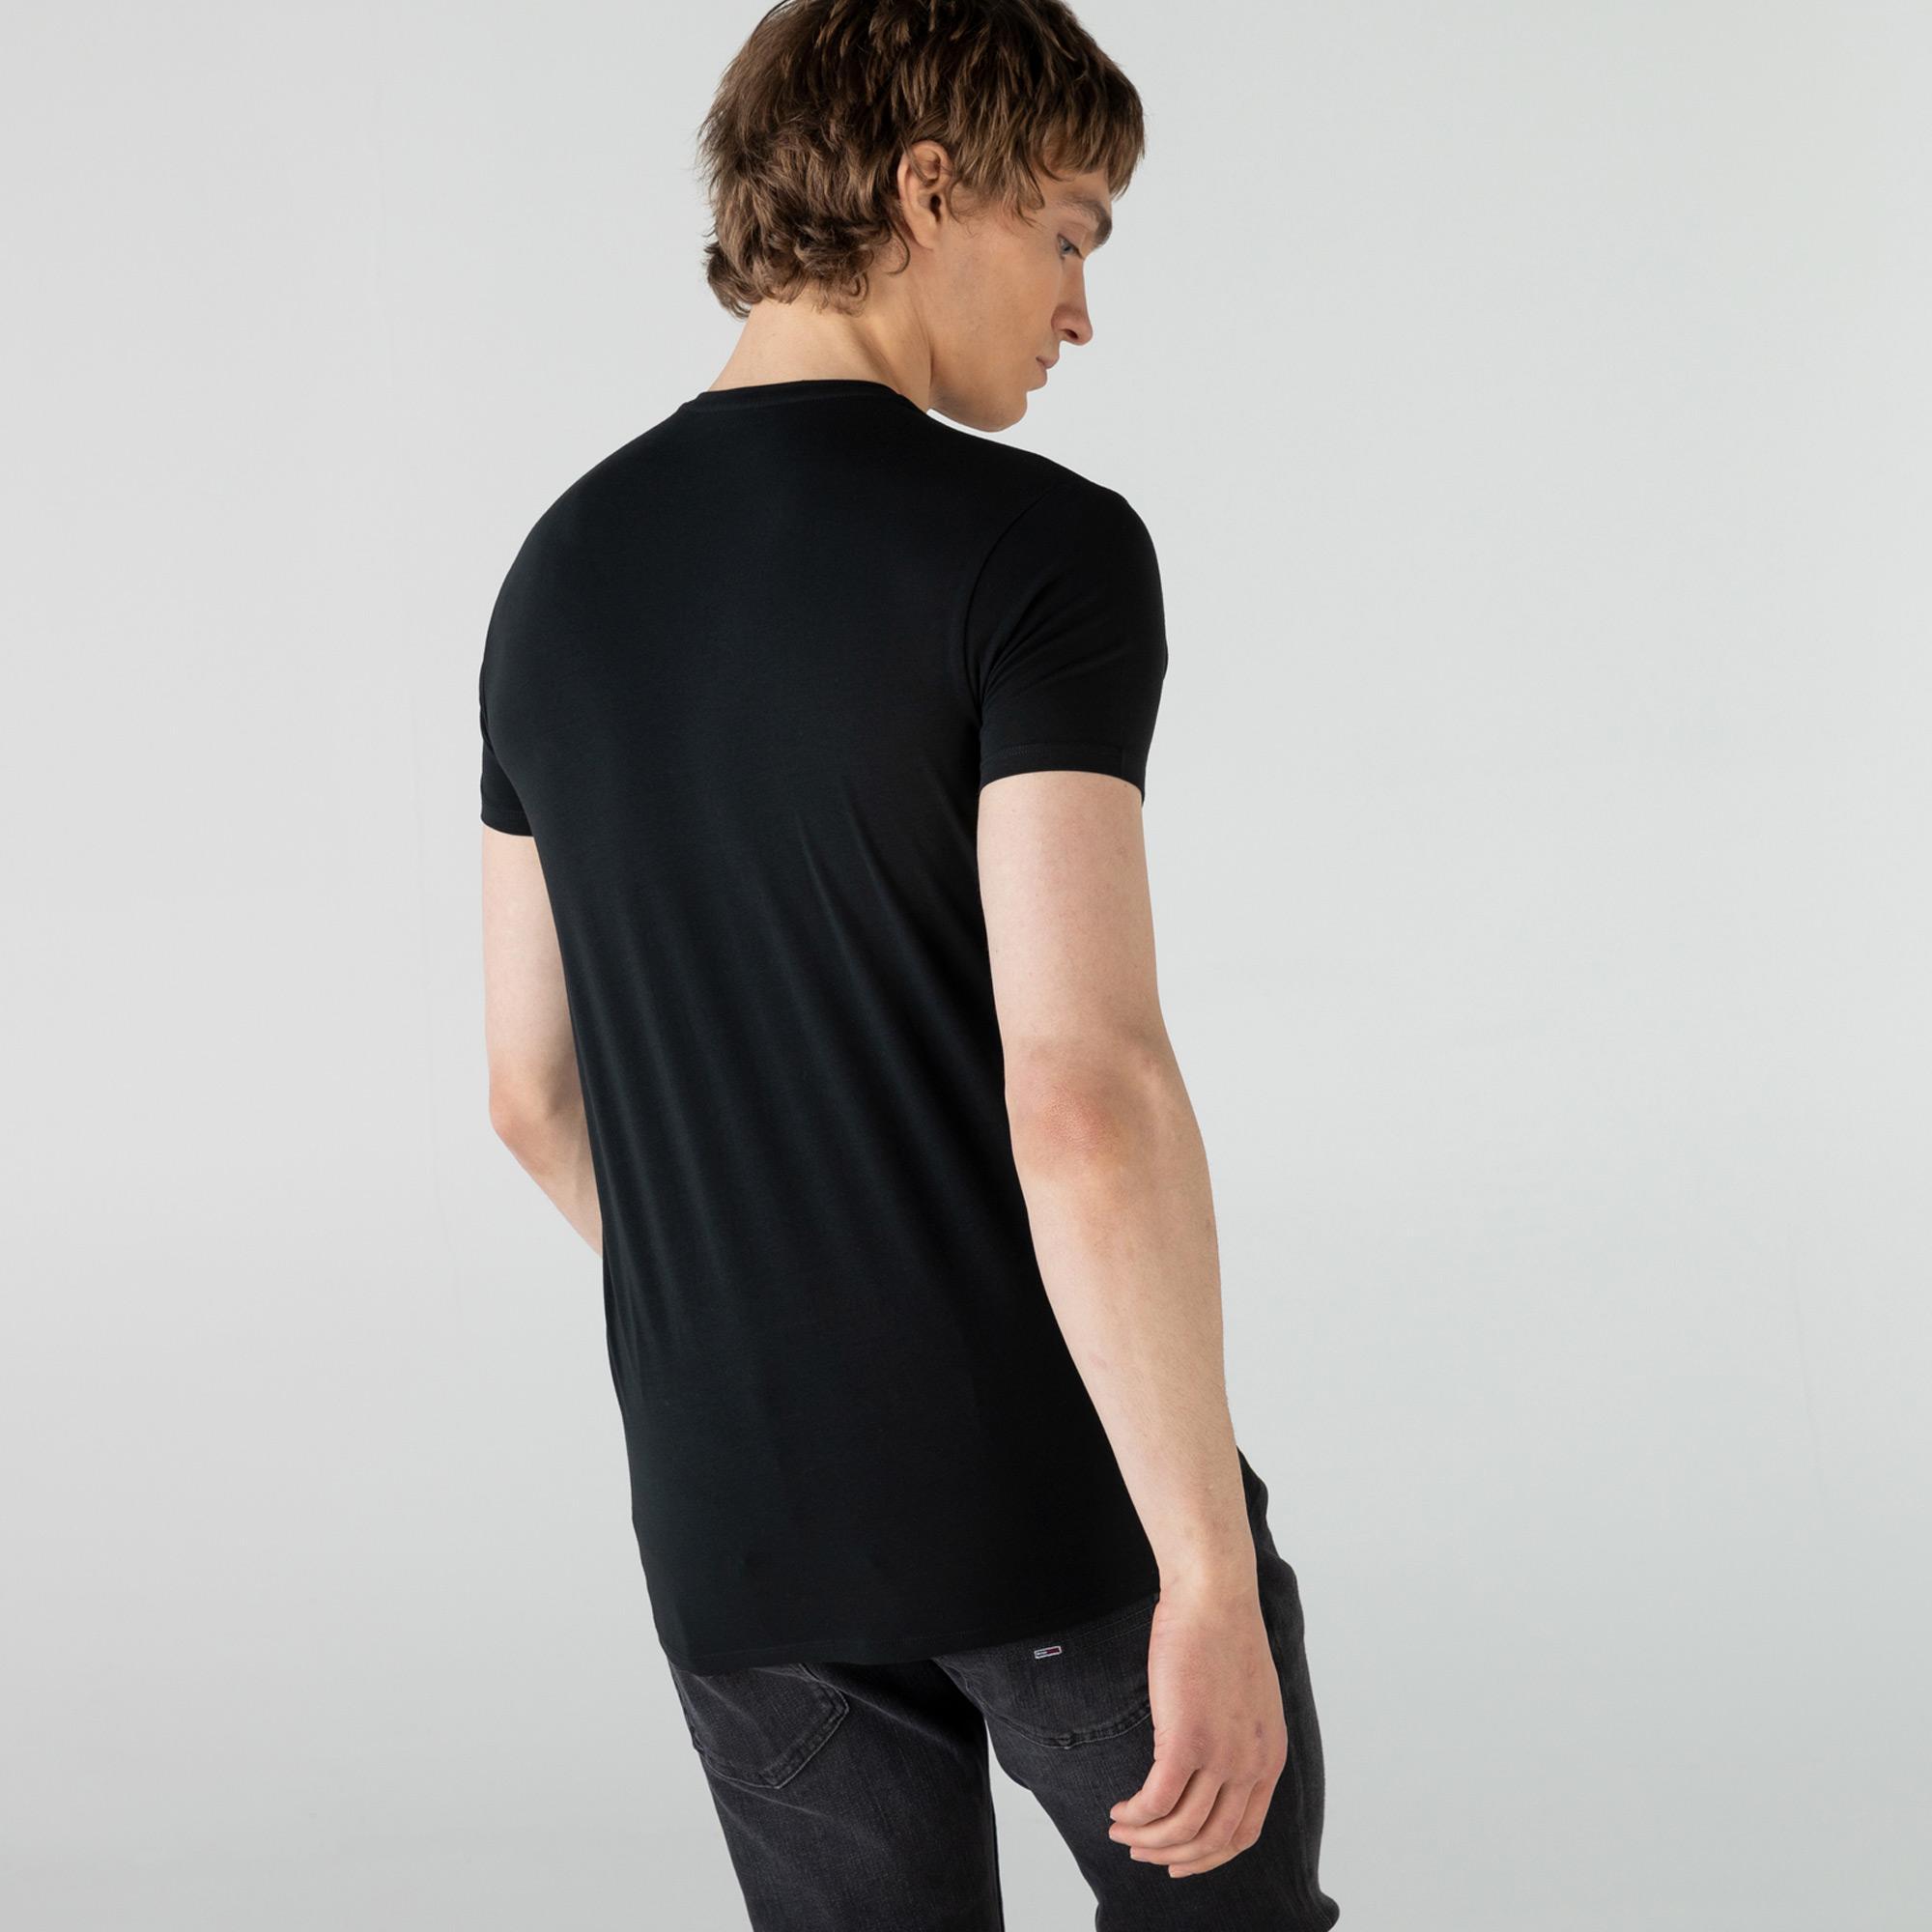 Lacoste Erkek Regular Fit V Yaka Siyah T-Shirt